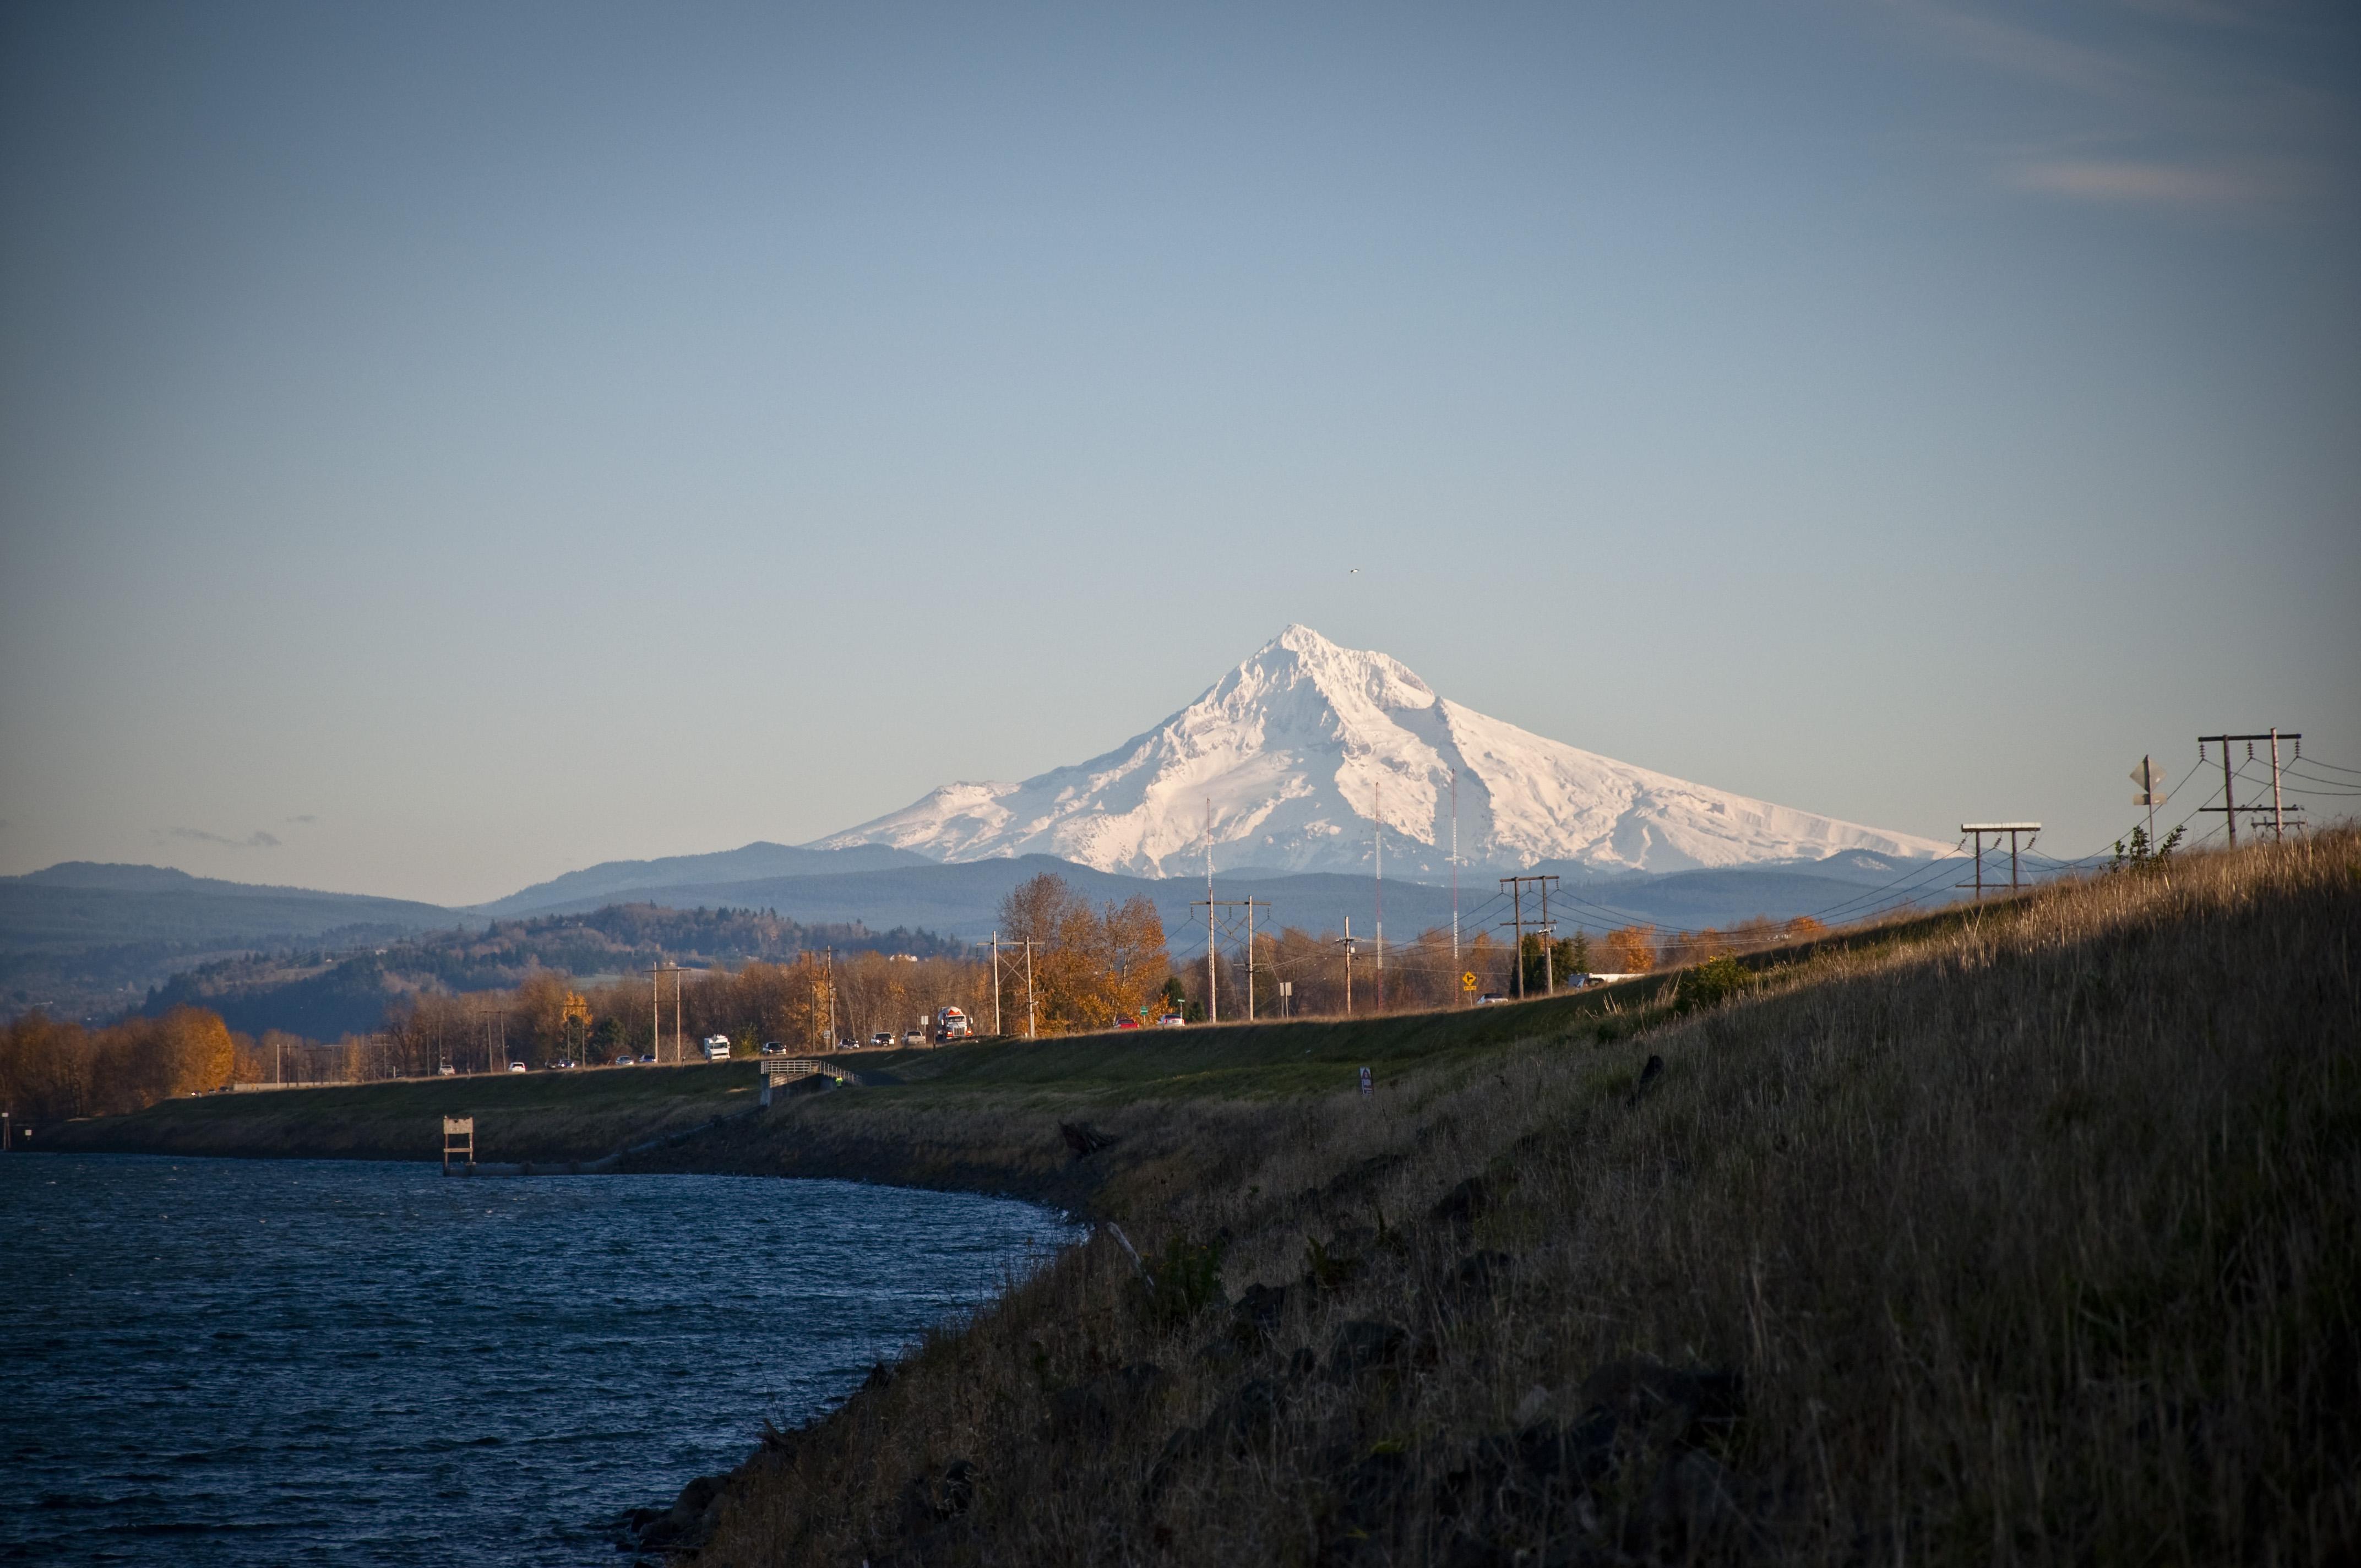 Mount Hood, Cascade range, Portland, Oregon